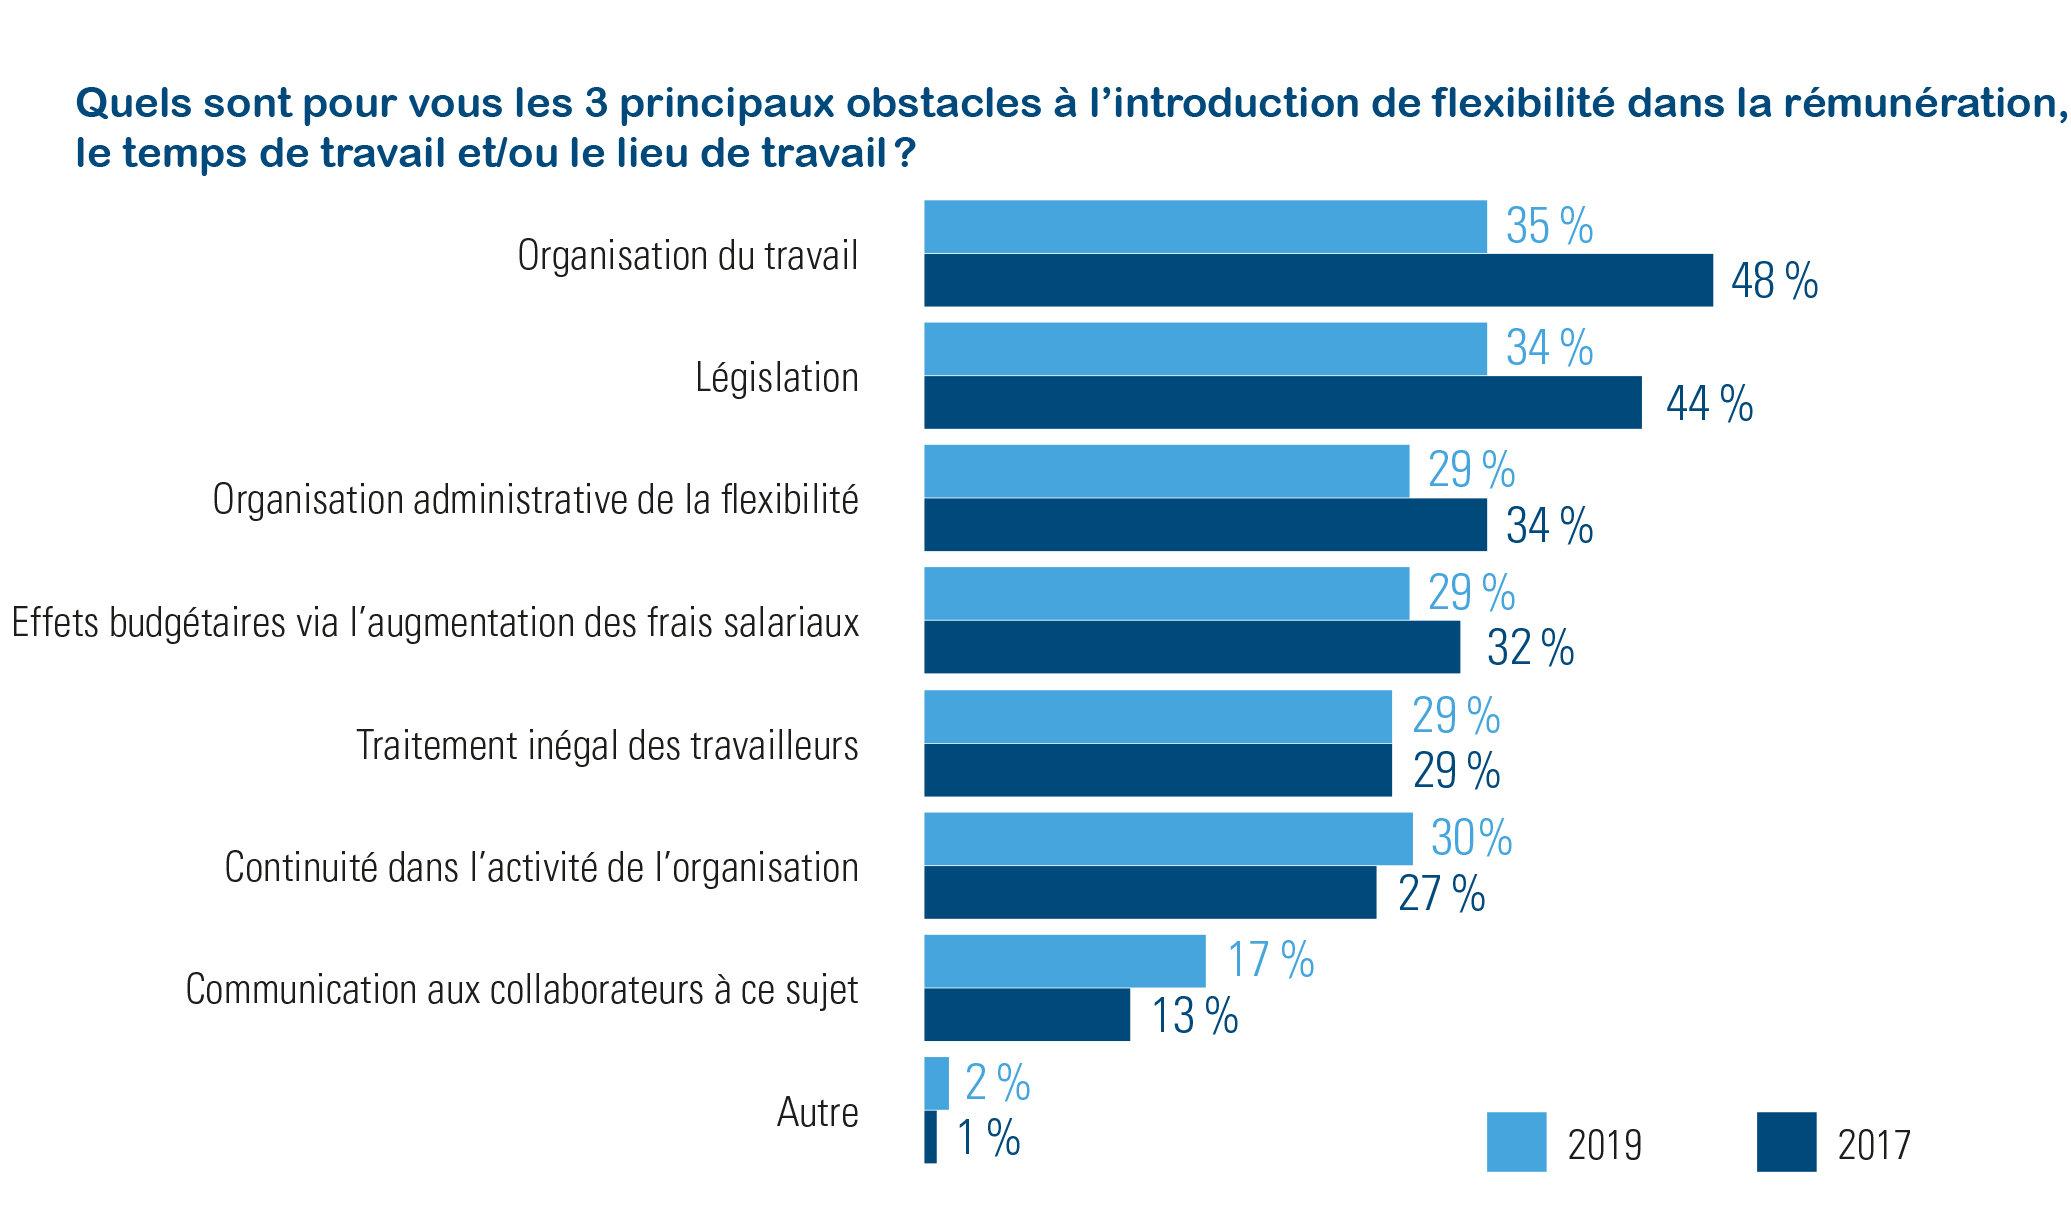 Enquête d'Acerta réalisée auprès des employeurs : Évolution des obstacles à la rémunération flexible 2017-2019